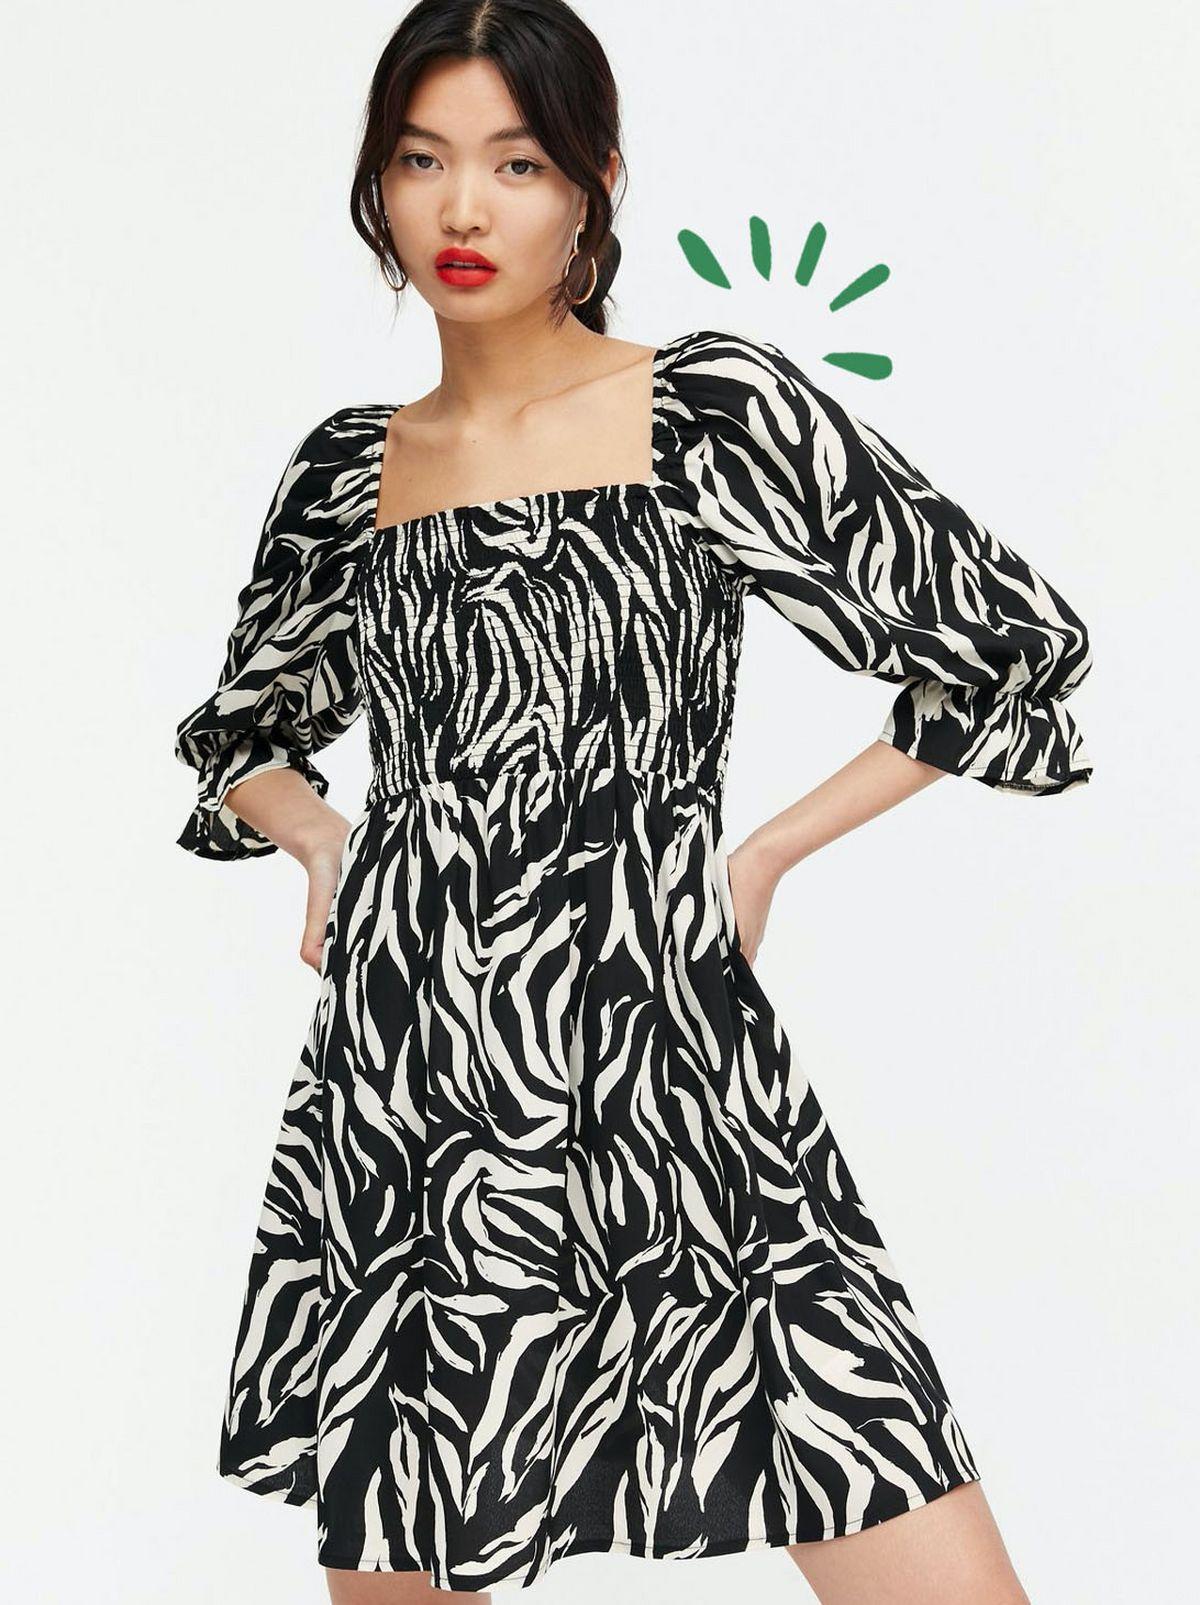 Woman Wearing a Black Zebra Print Square Neck Smock Dress.